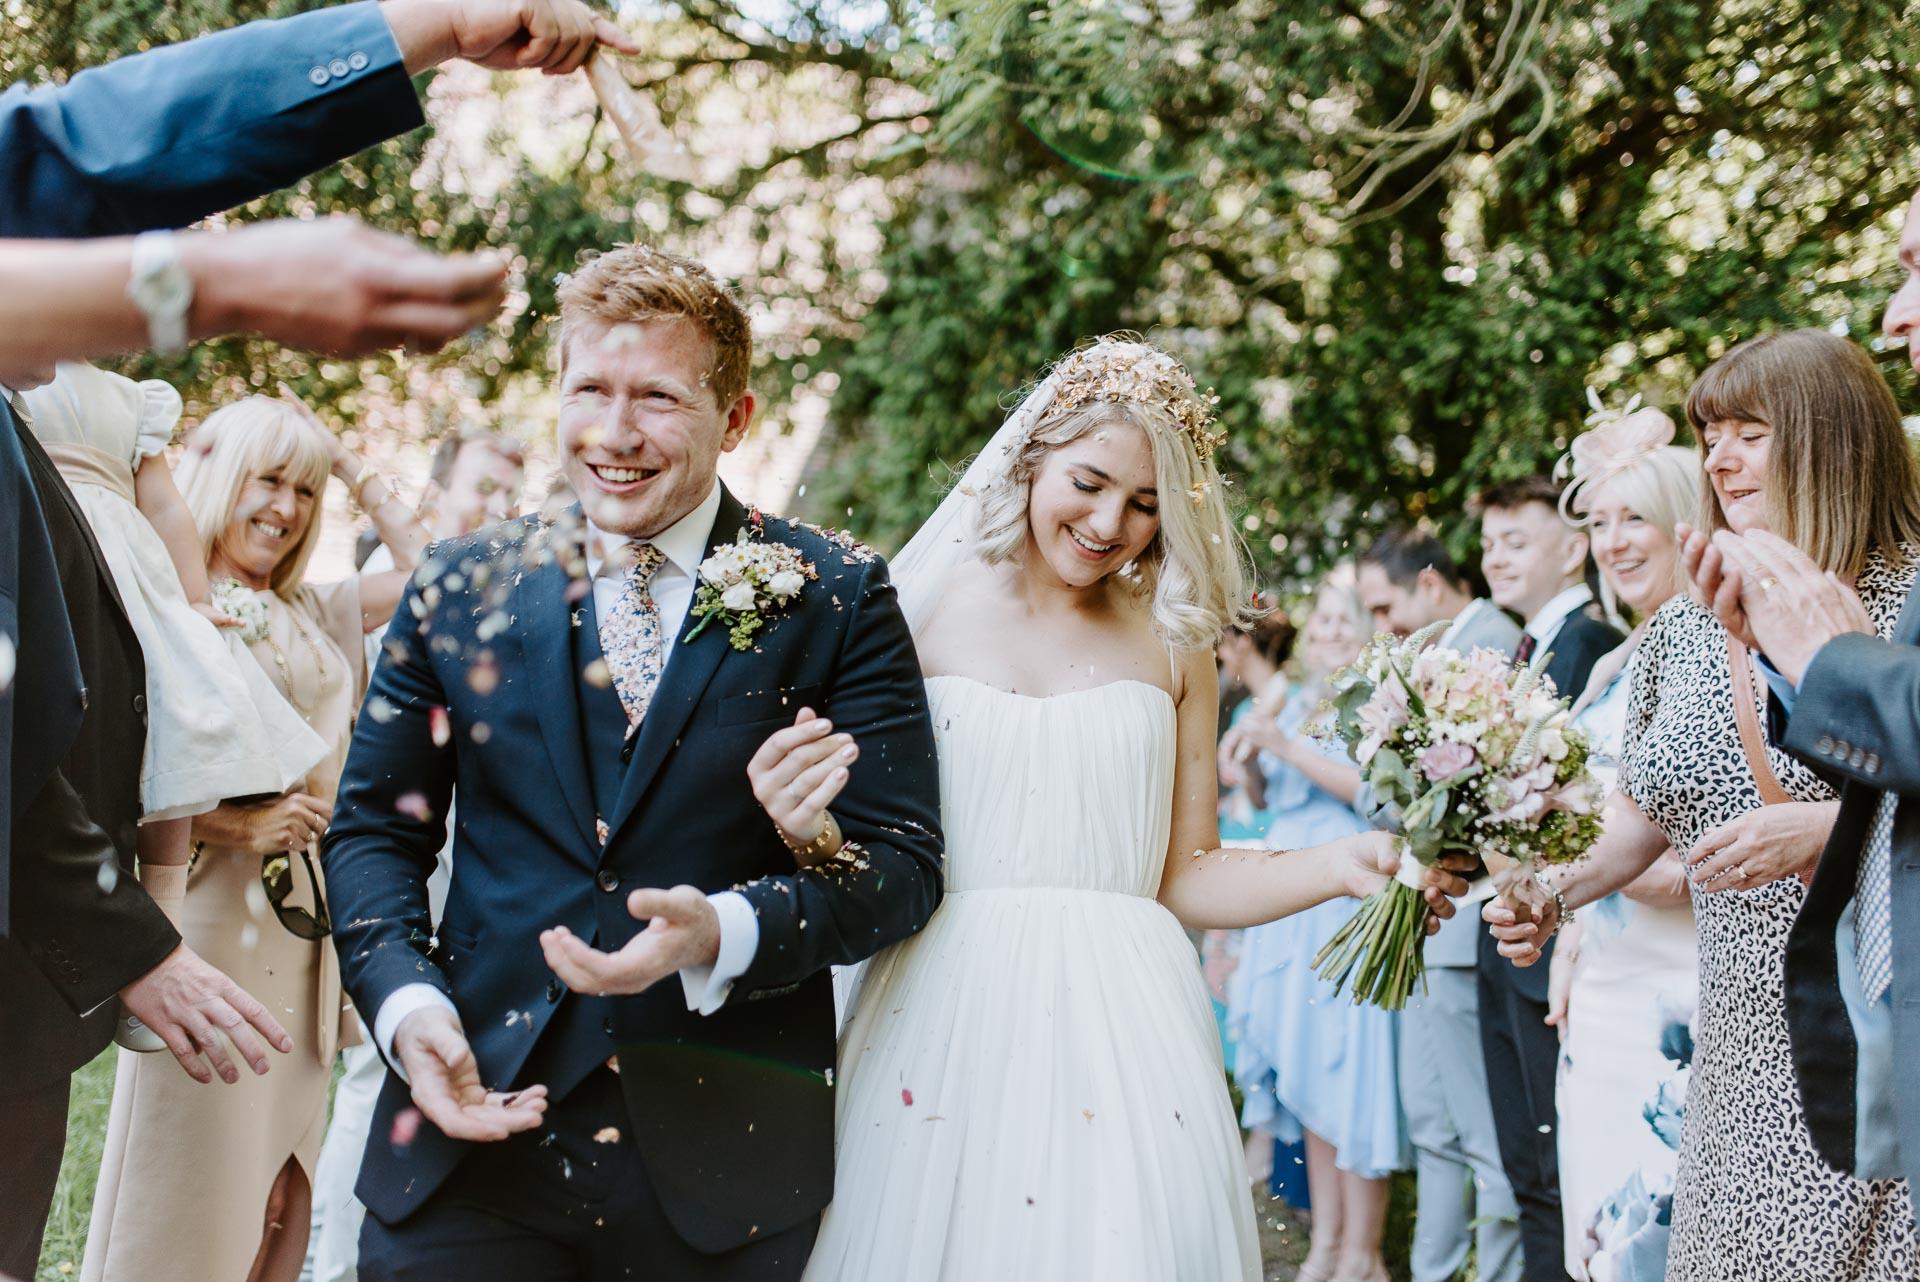 Henny_Jamie_East Sussex_Wedding_37.jpg